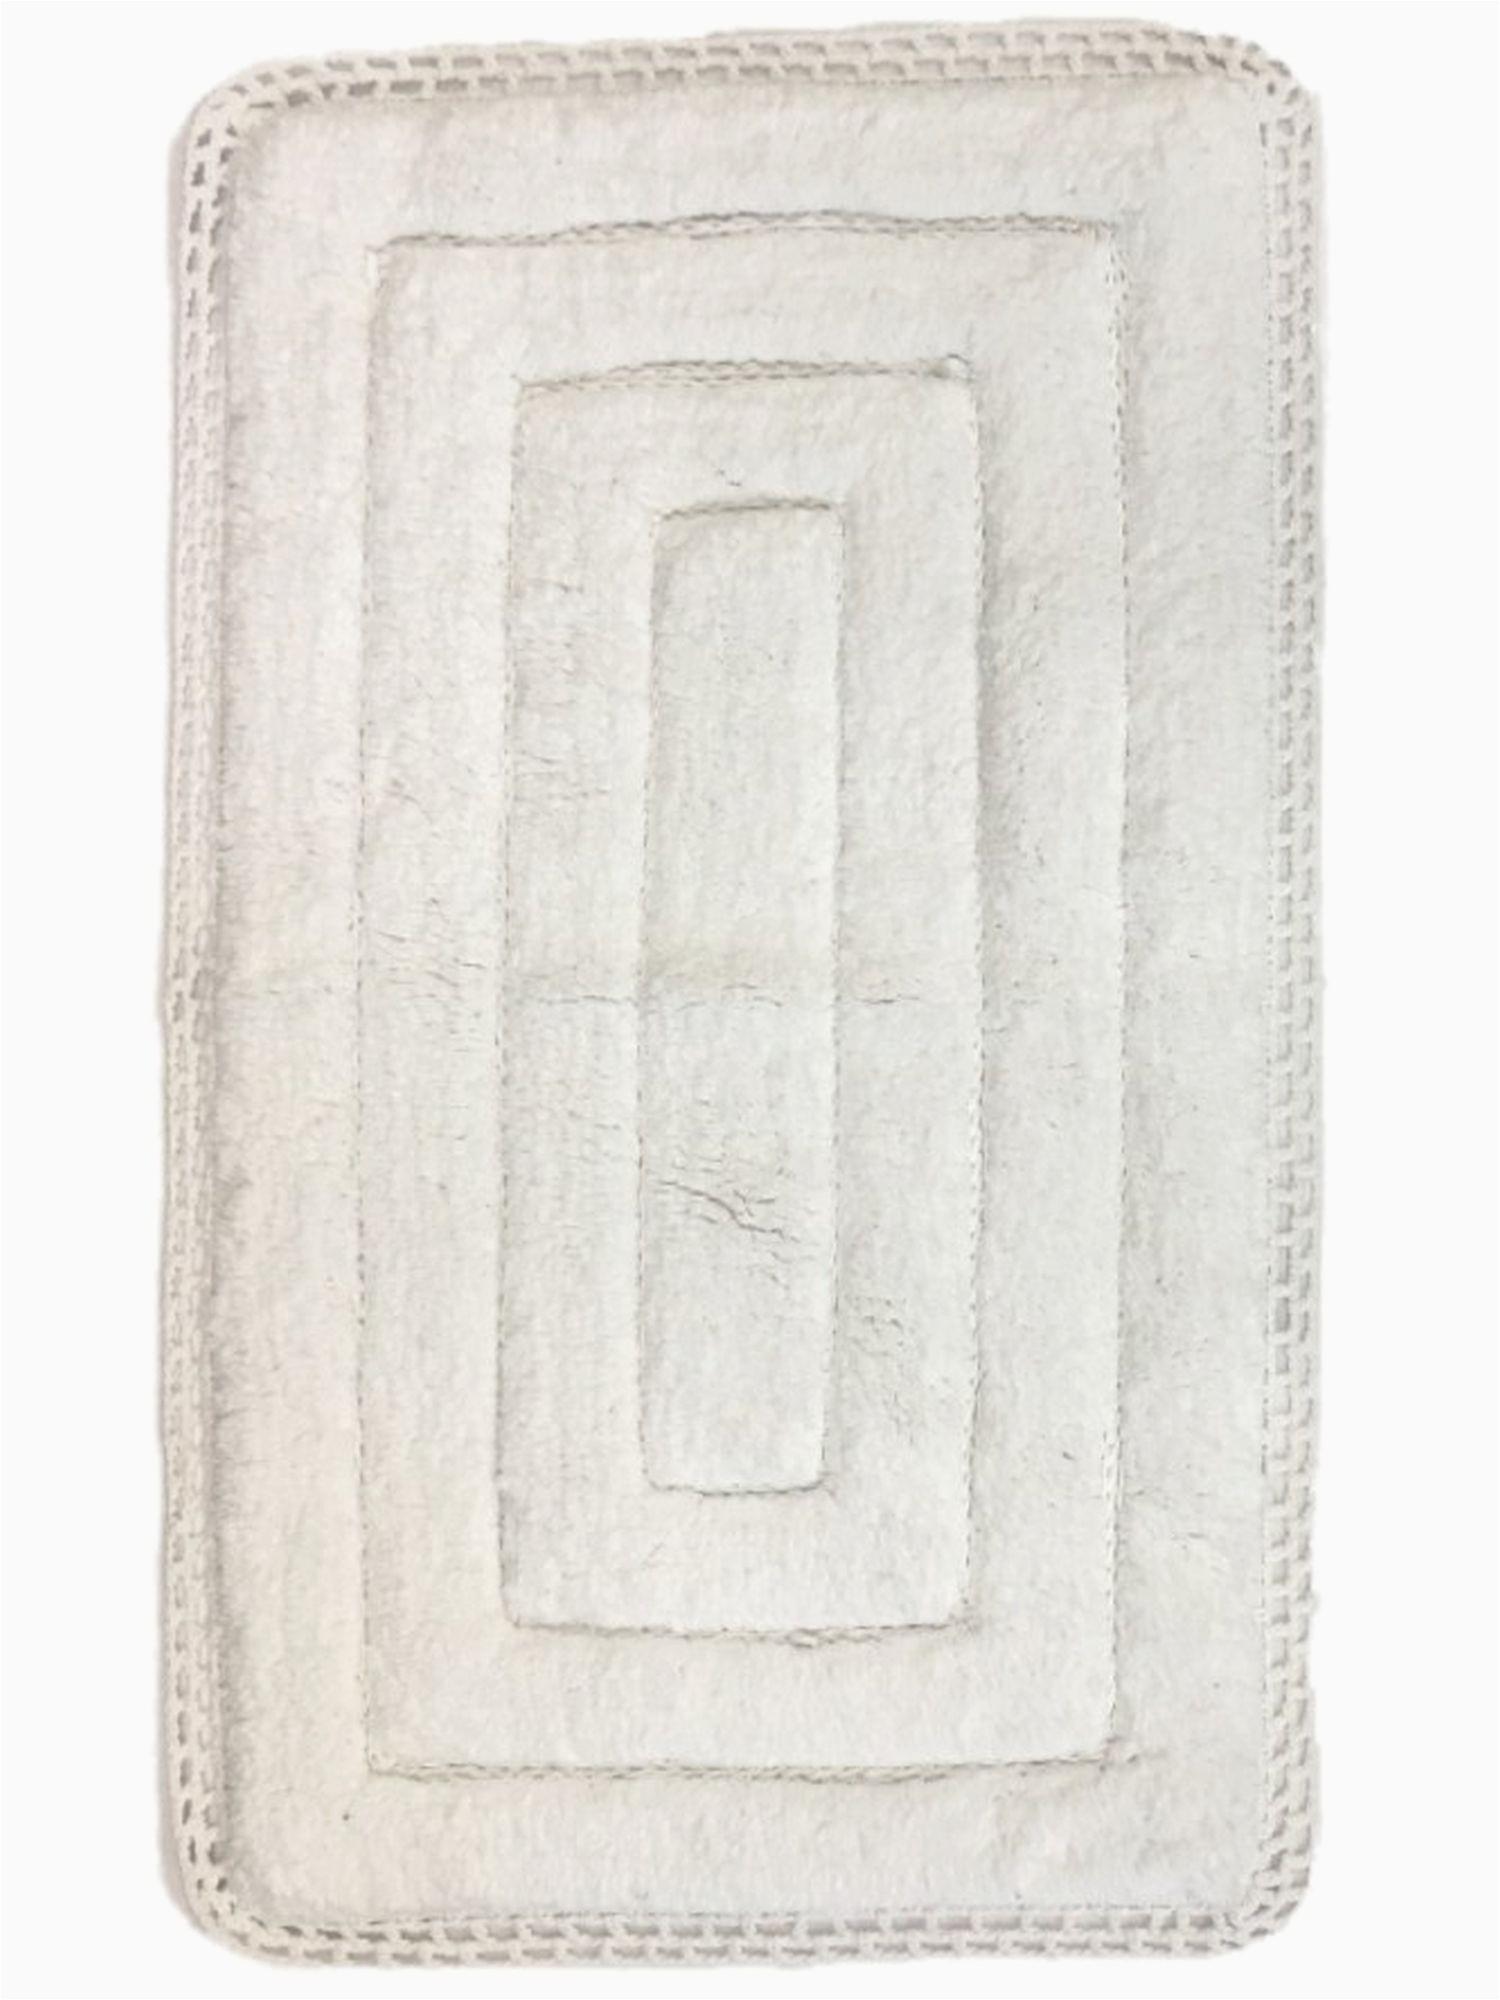 White Bath Rugs Cotton Threshold Plush White Bath Rug with Crochet Edge Cotton Bath Mat 20×32 Walmart